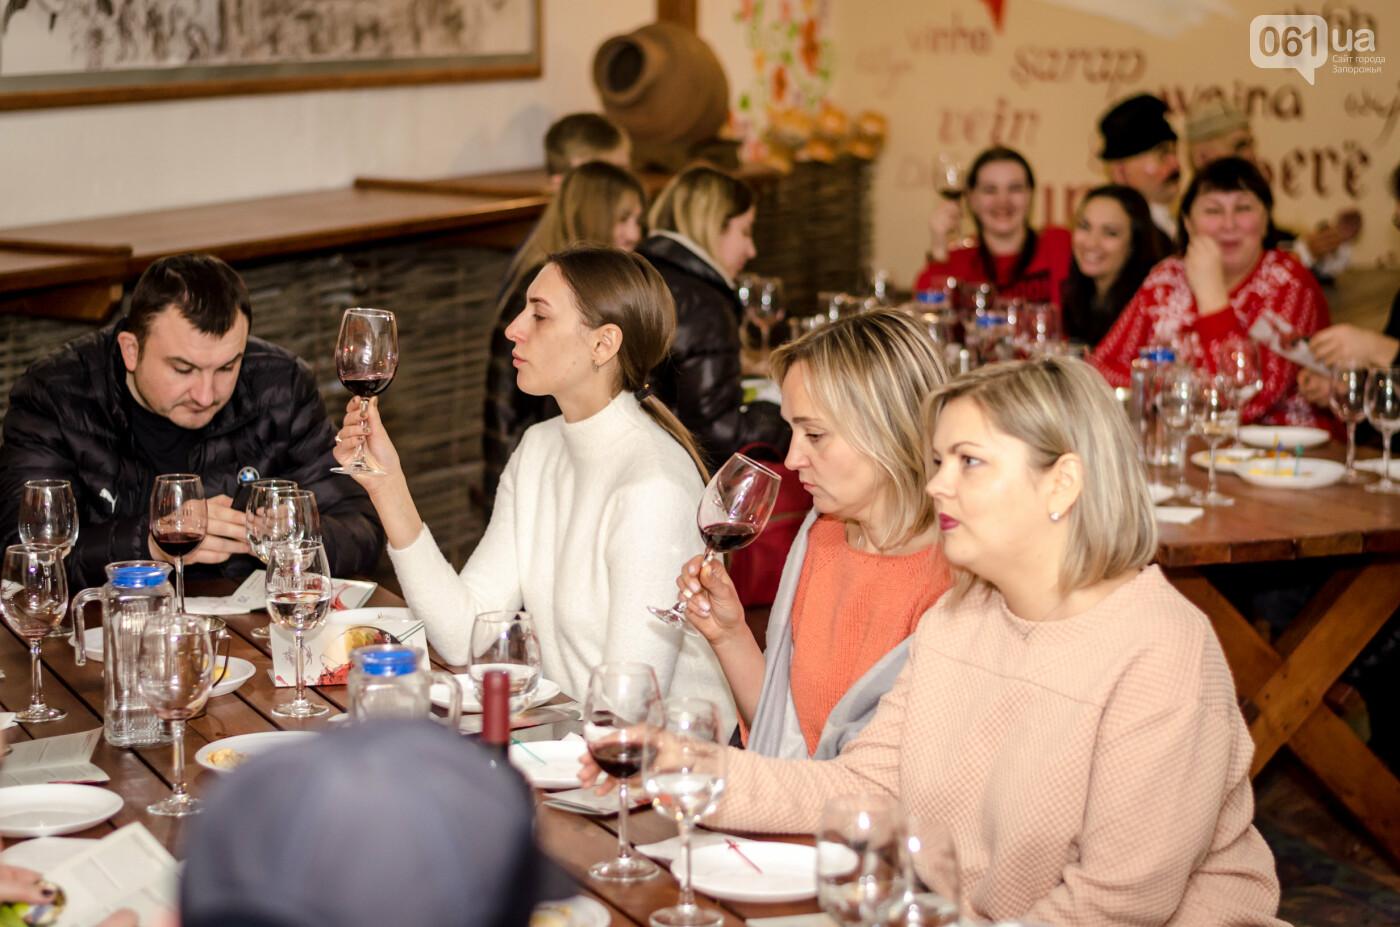 Праздник в бокале. Встречаем Рождество на винной дегустации. , фото-7